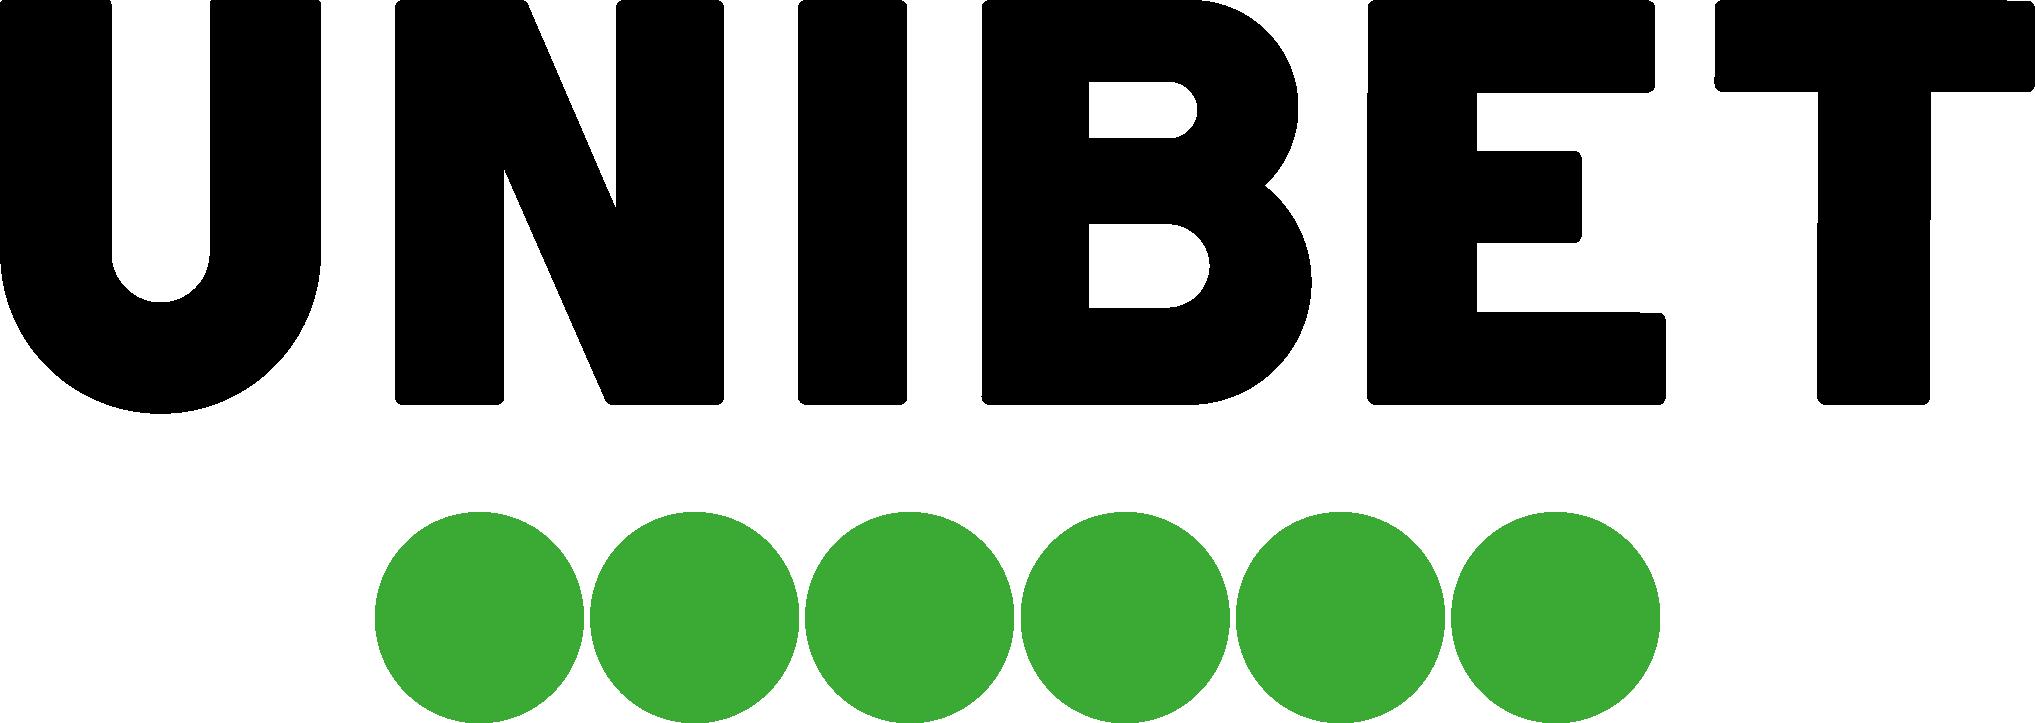 Unibet Affiliate Program